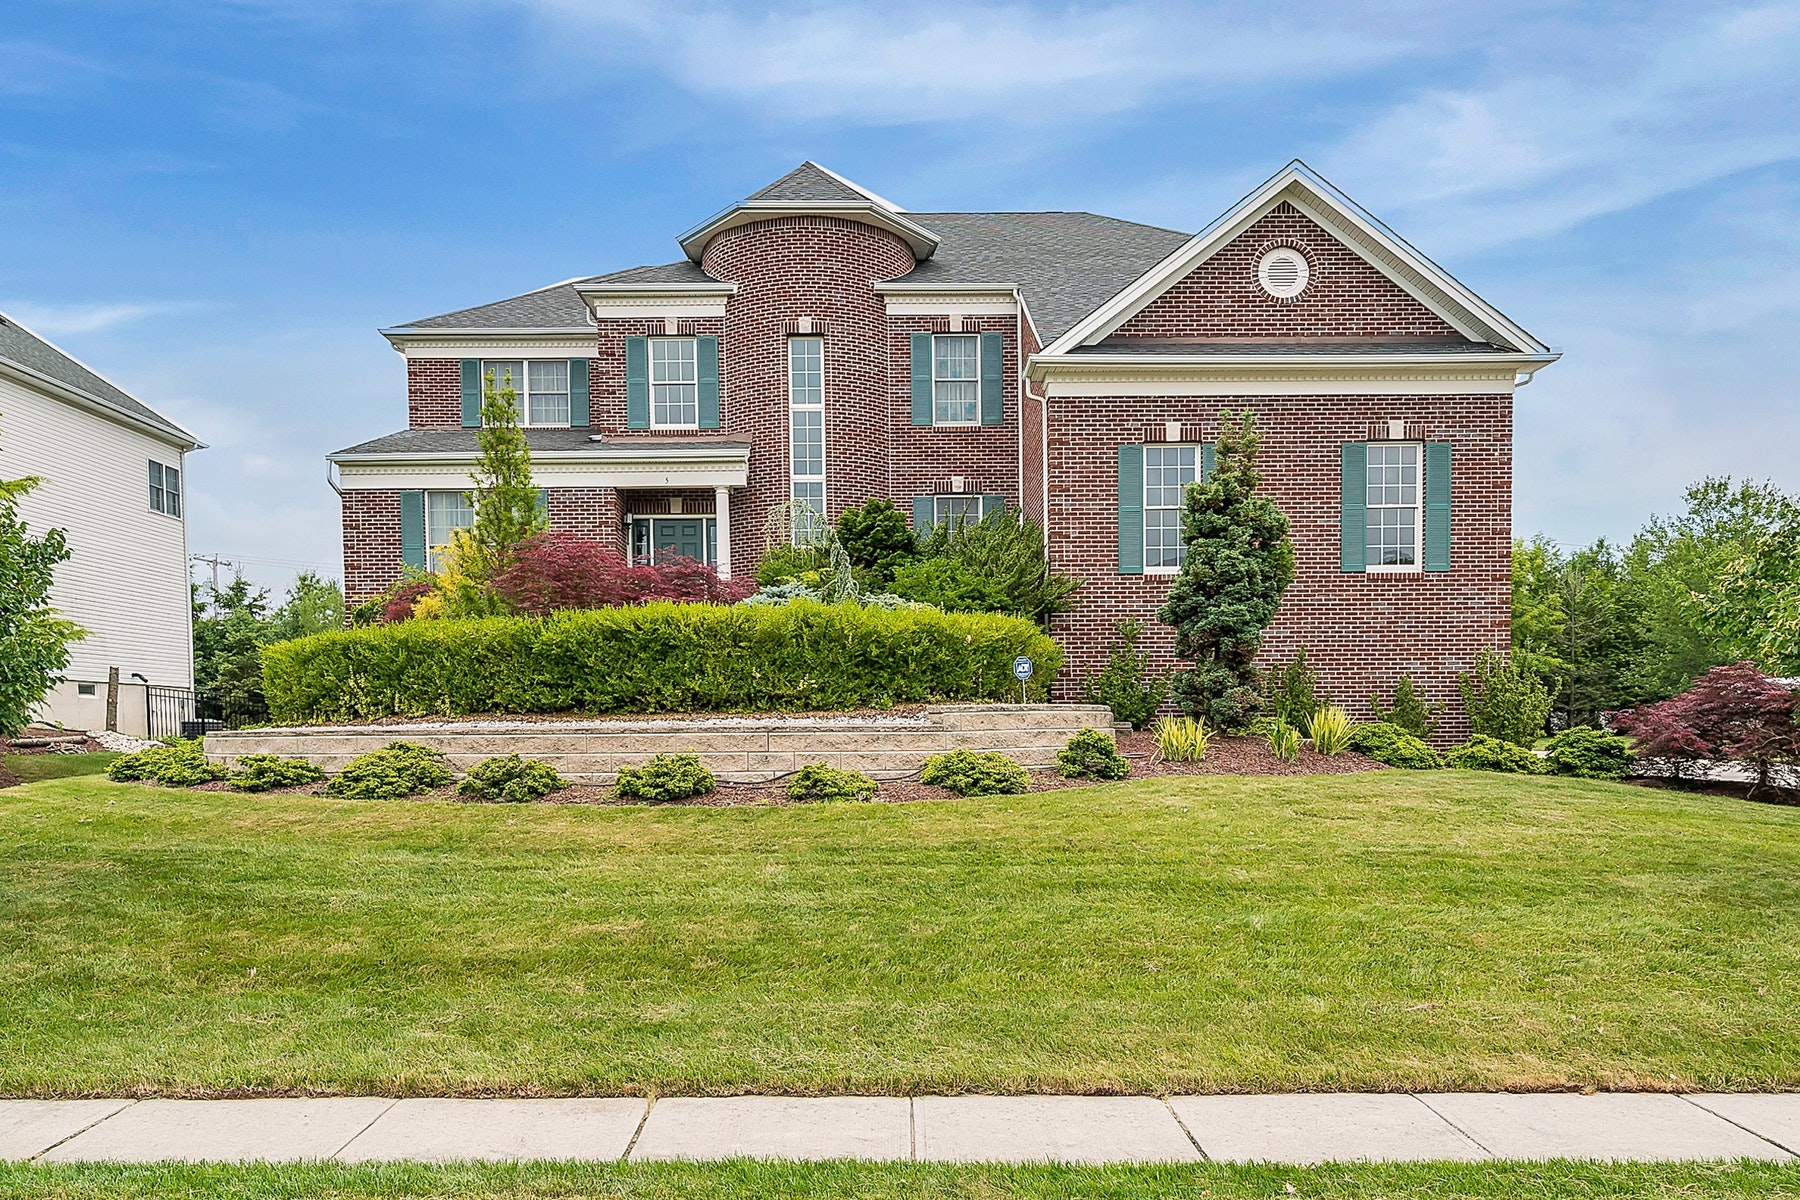 Maison unifamiliale pour l Vente à LIVE AUTHENTIC 5 Hopkinson Court, Marlboro, New Jersey 07746 États-Unis